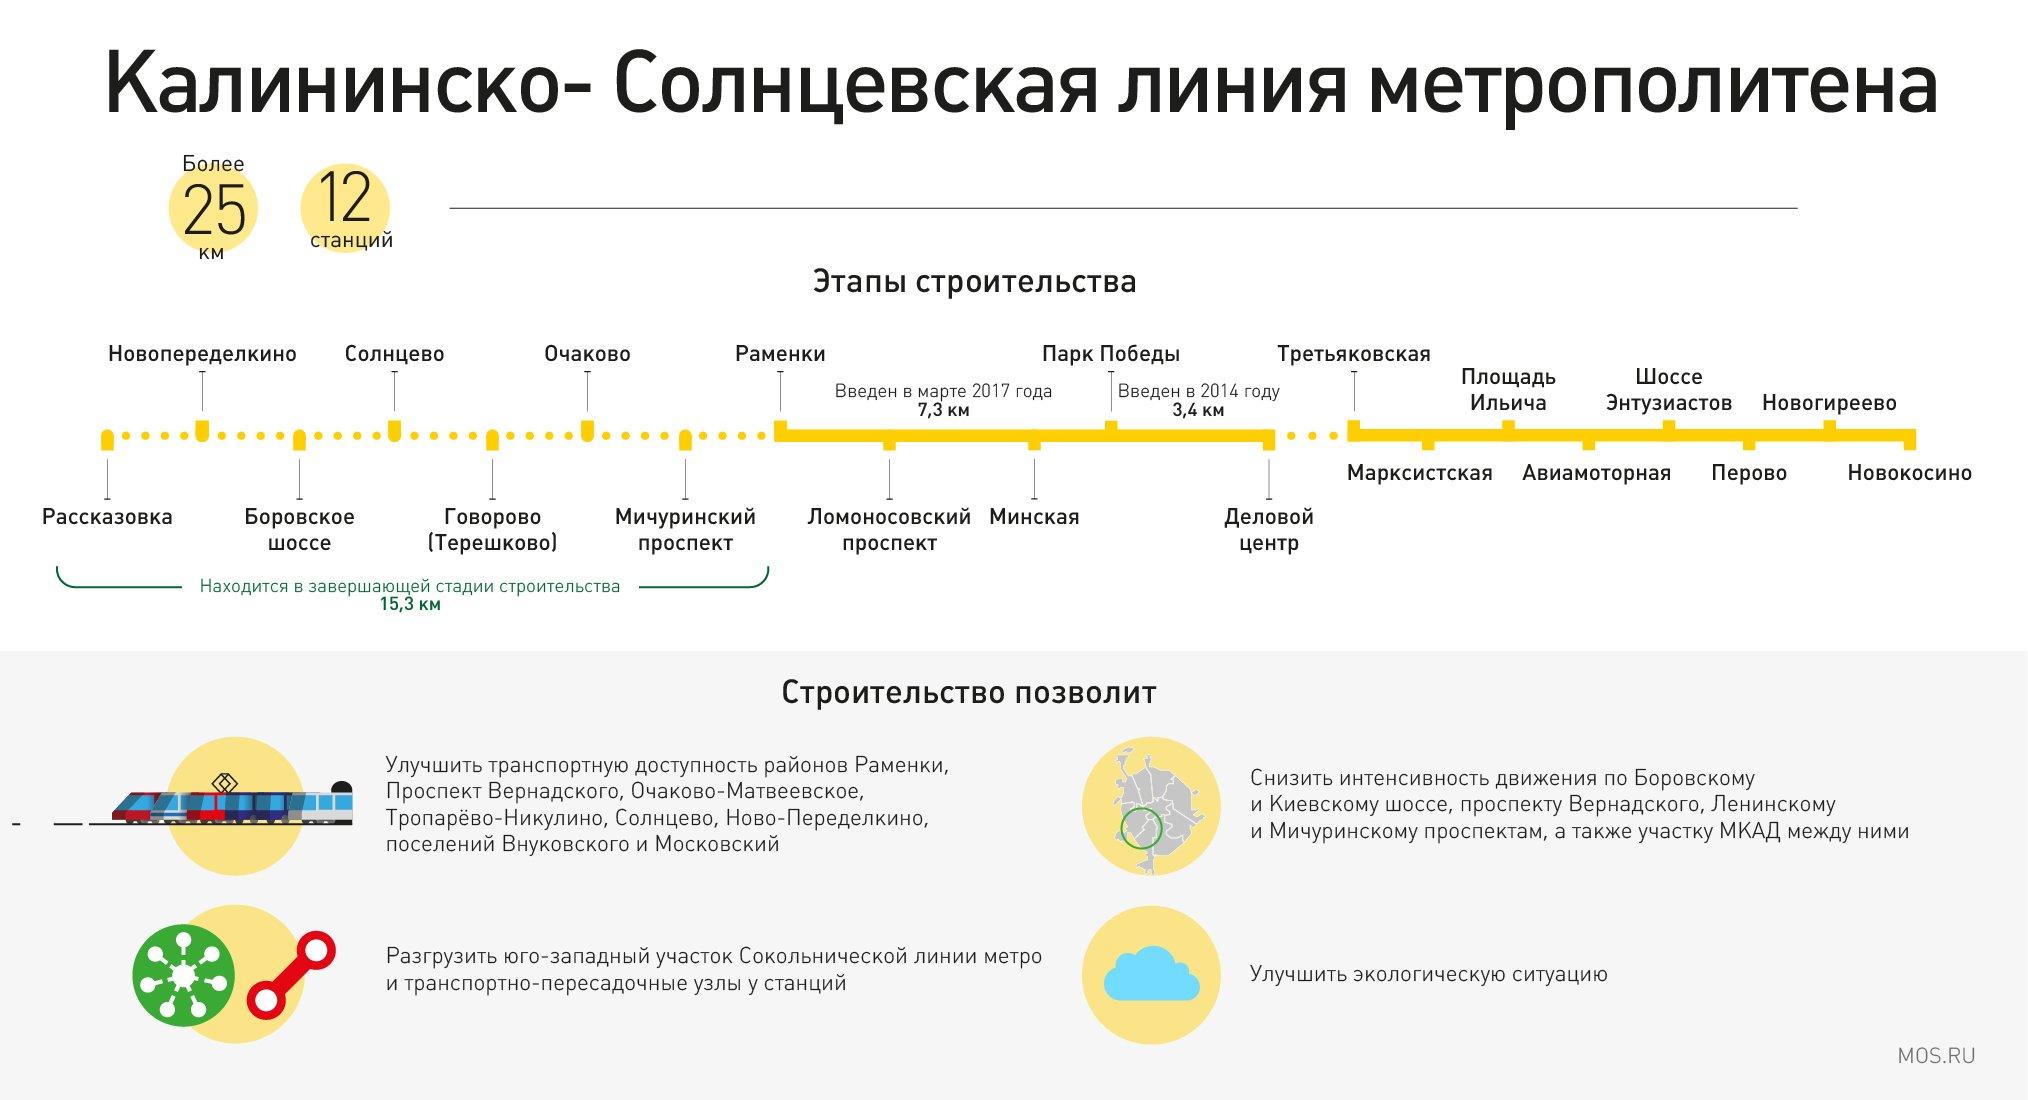 Московские палаты: как будет выглядеть станция метро «Новопеределкино»